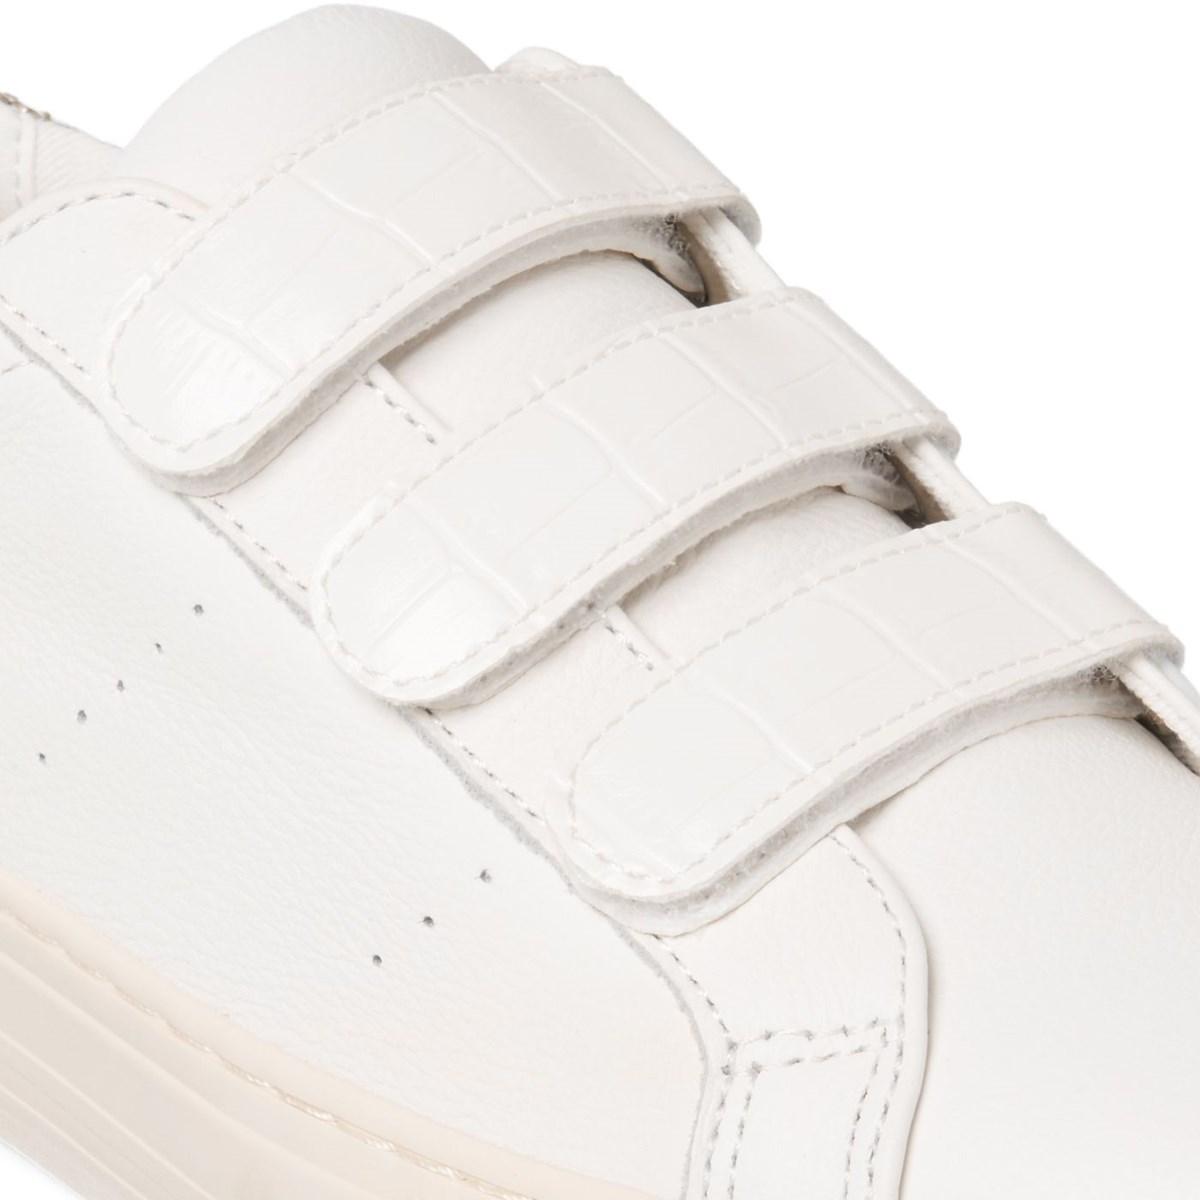 [新入荷]ARCADE-11272-WHITE アルカデ ホワイト